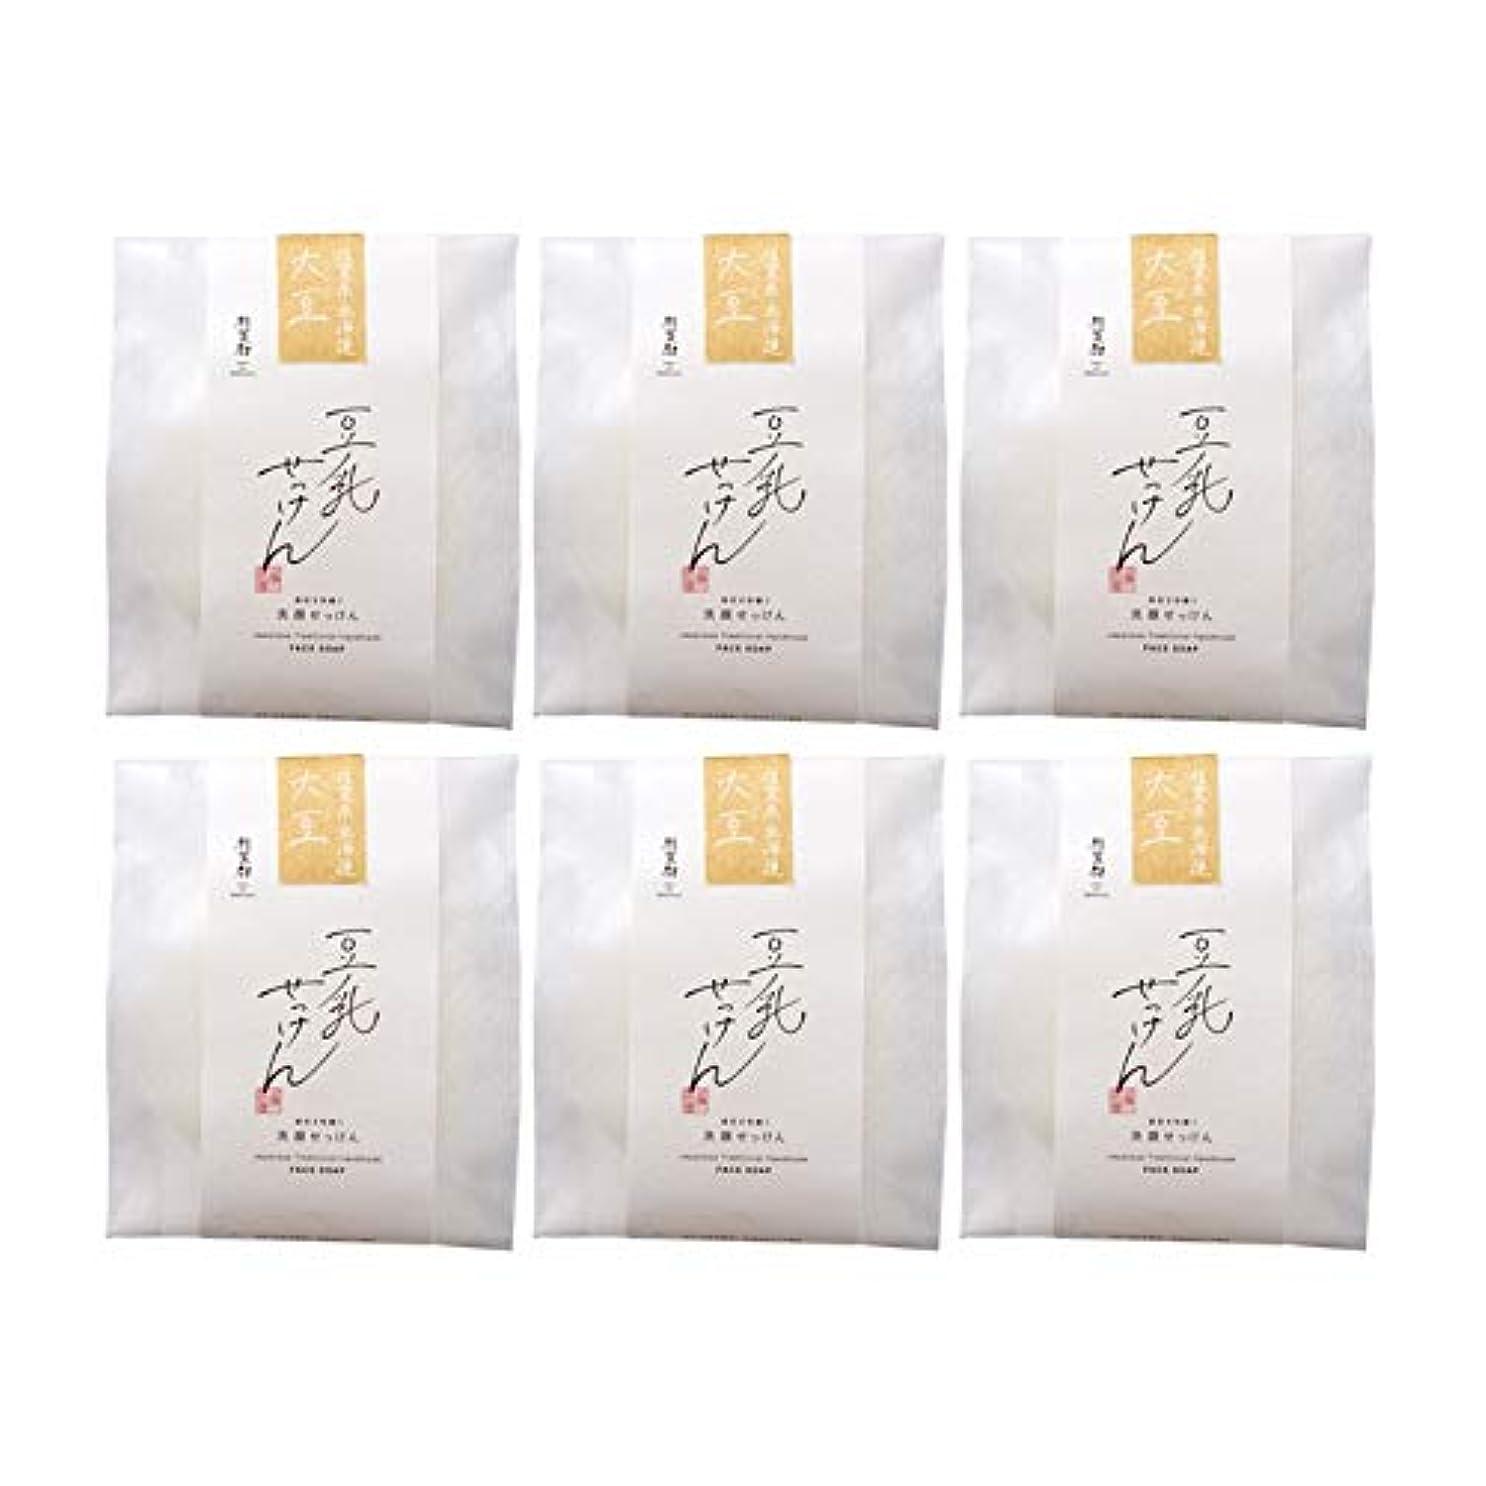 右布暗記する豆腐の盛田屋 豆乳せっけん 自然生活 100g×6個セット